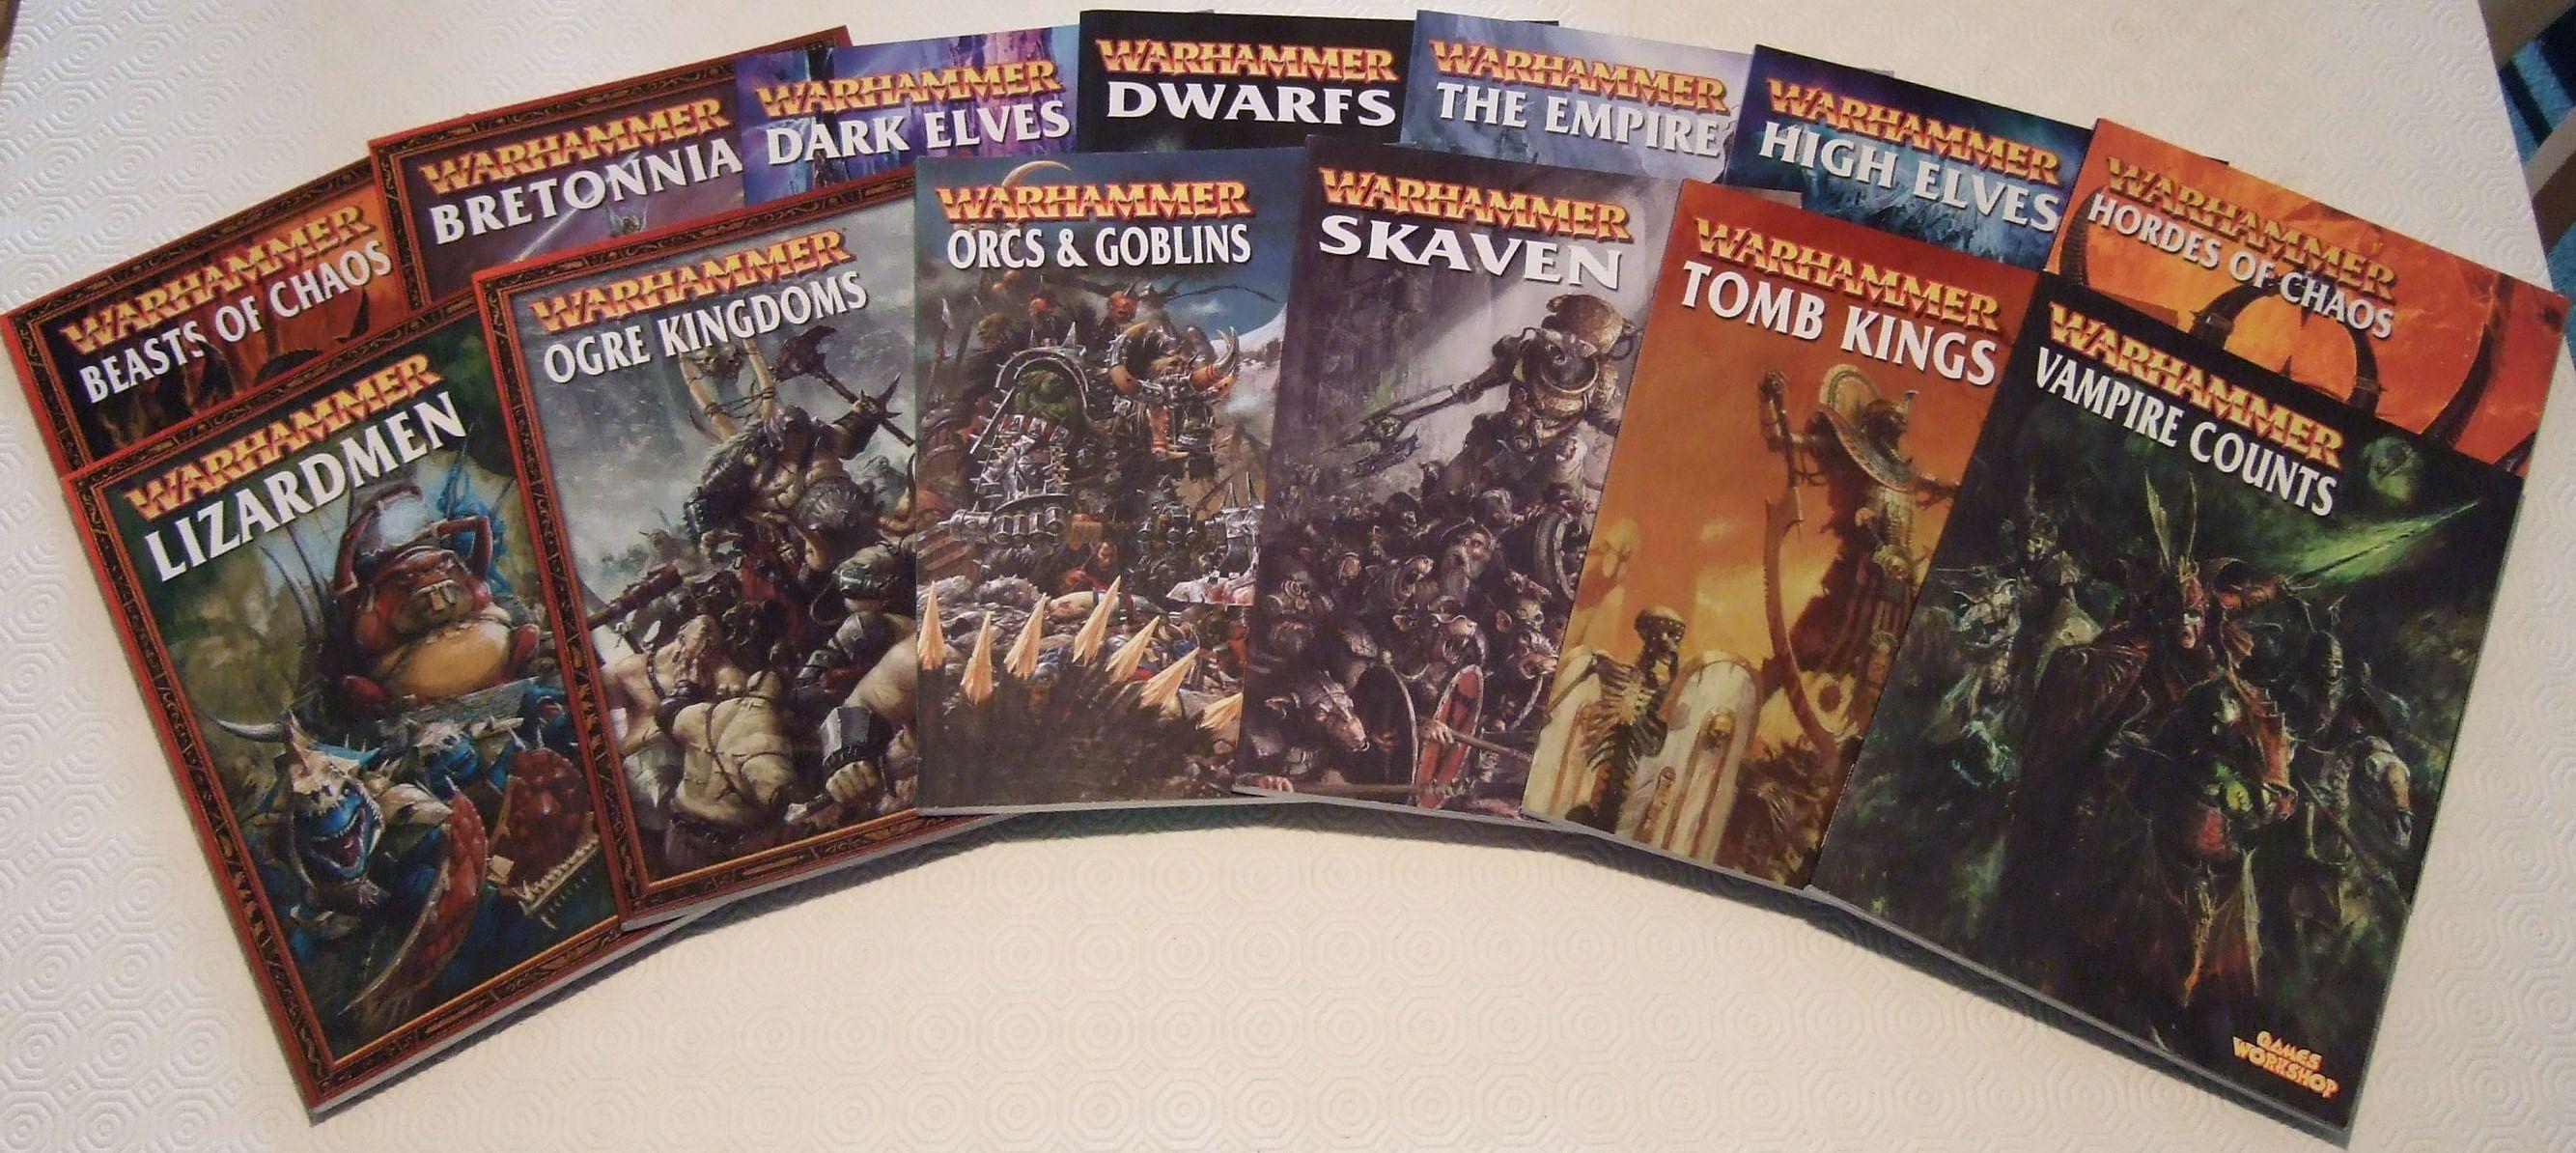 Warhammer Armies: Army Books